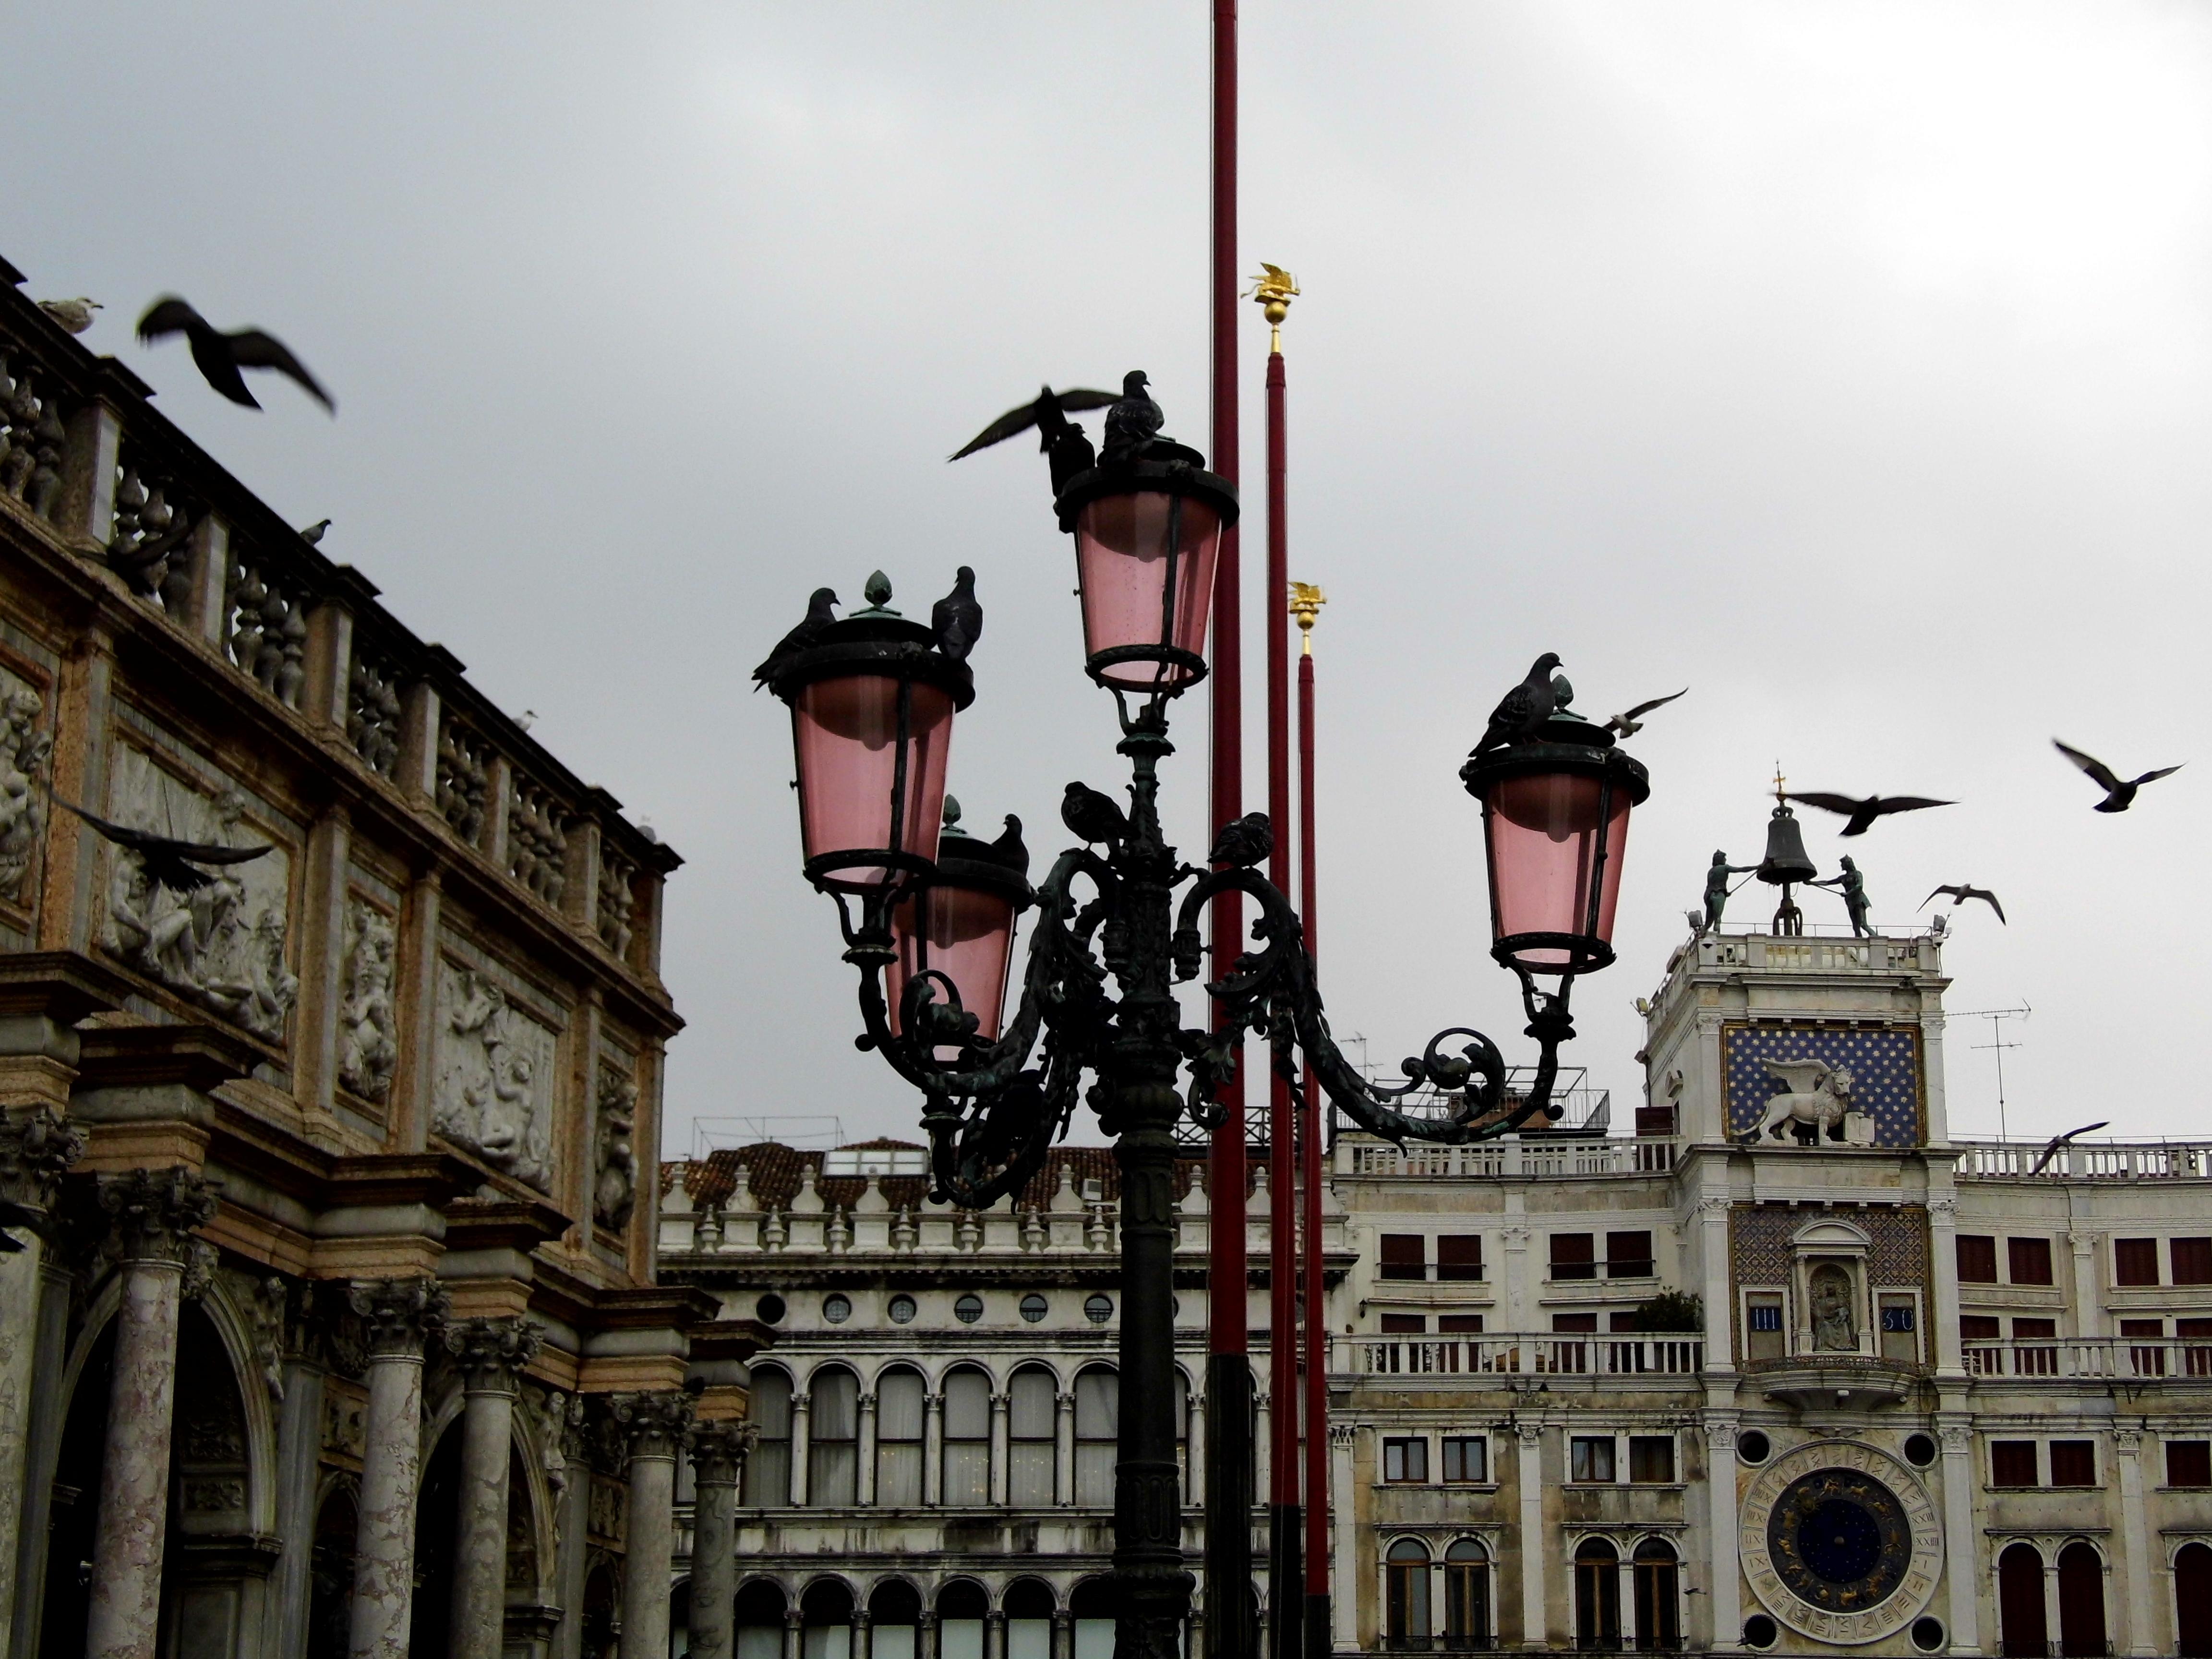 Asombroso Marco 16 20 Foto Ideas - Ideas de Arte Enmarcado ...